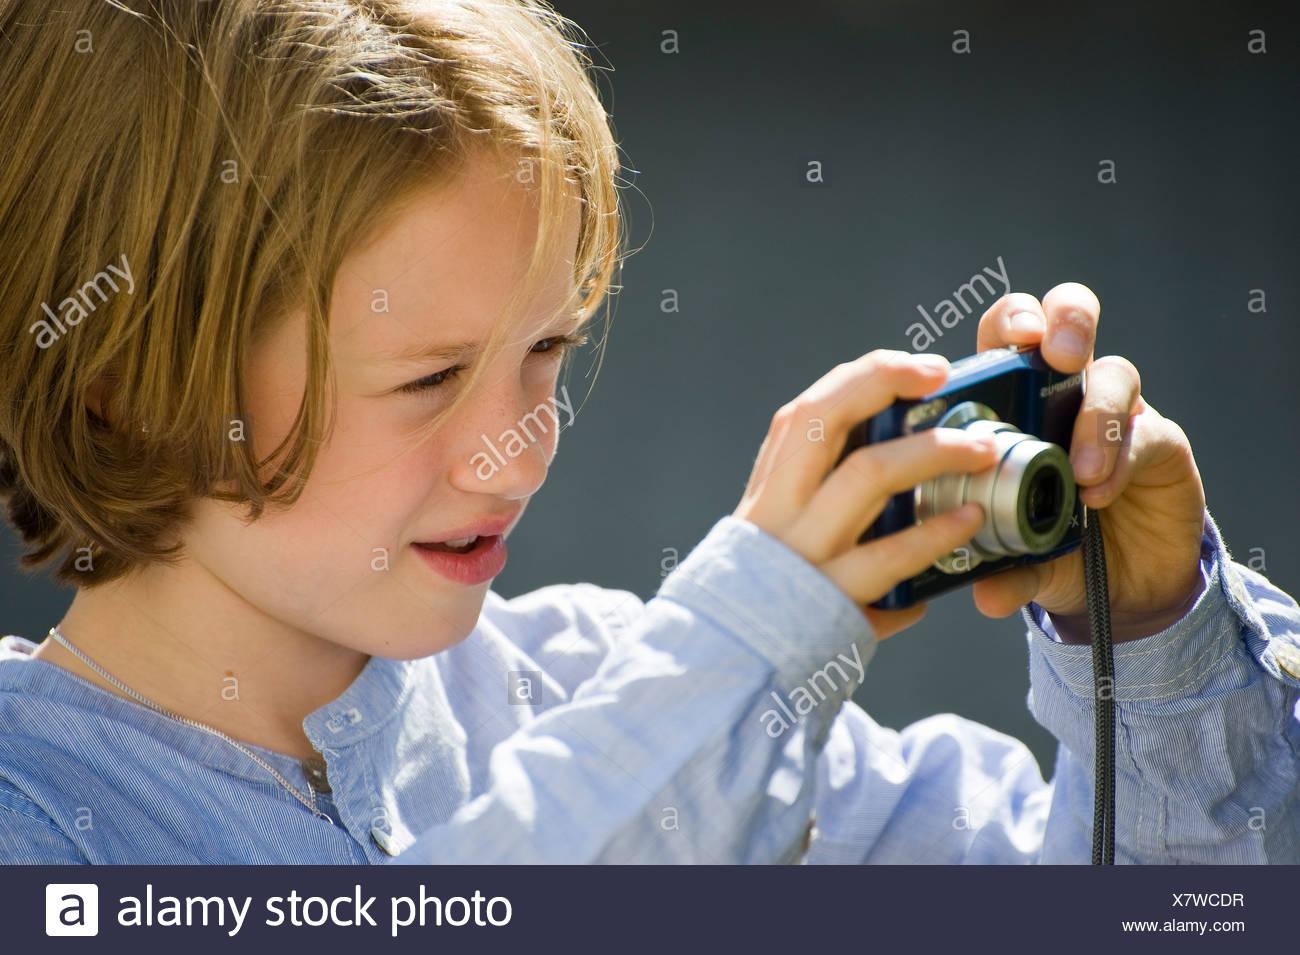 Fille, 8 ans, à prendre des photos avec un appareil photo numérique Photo Stock